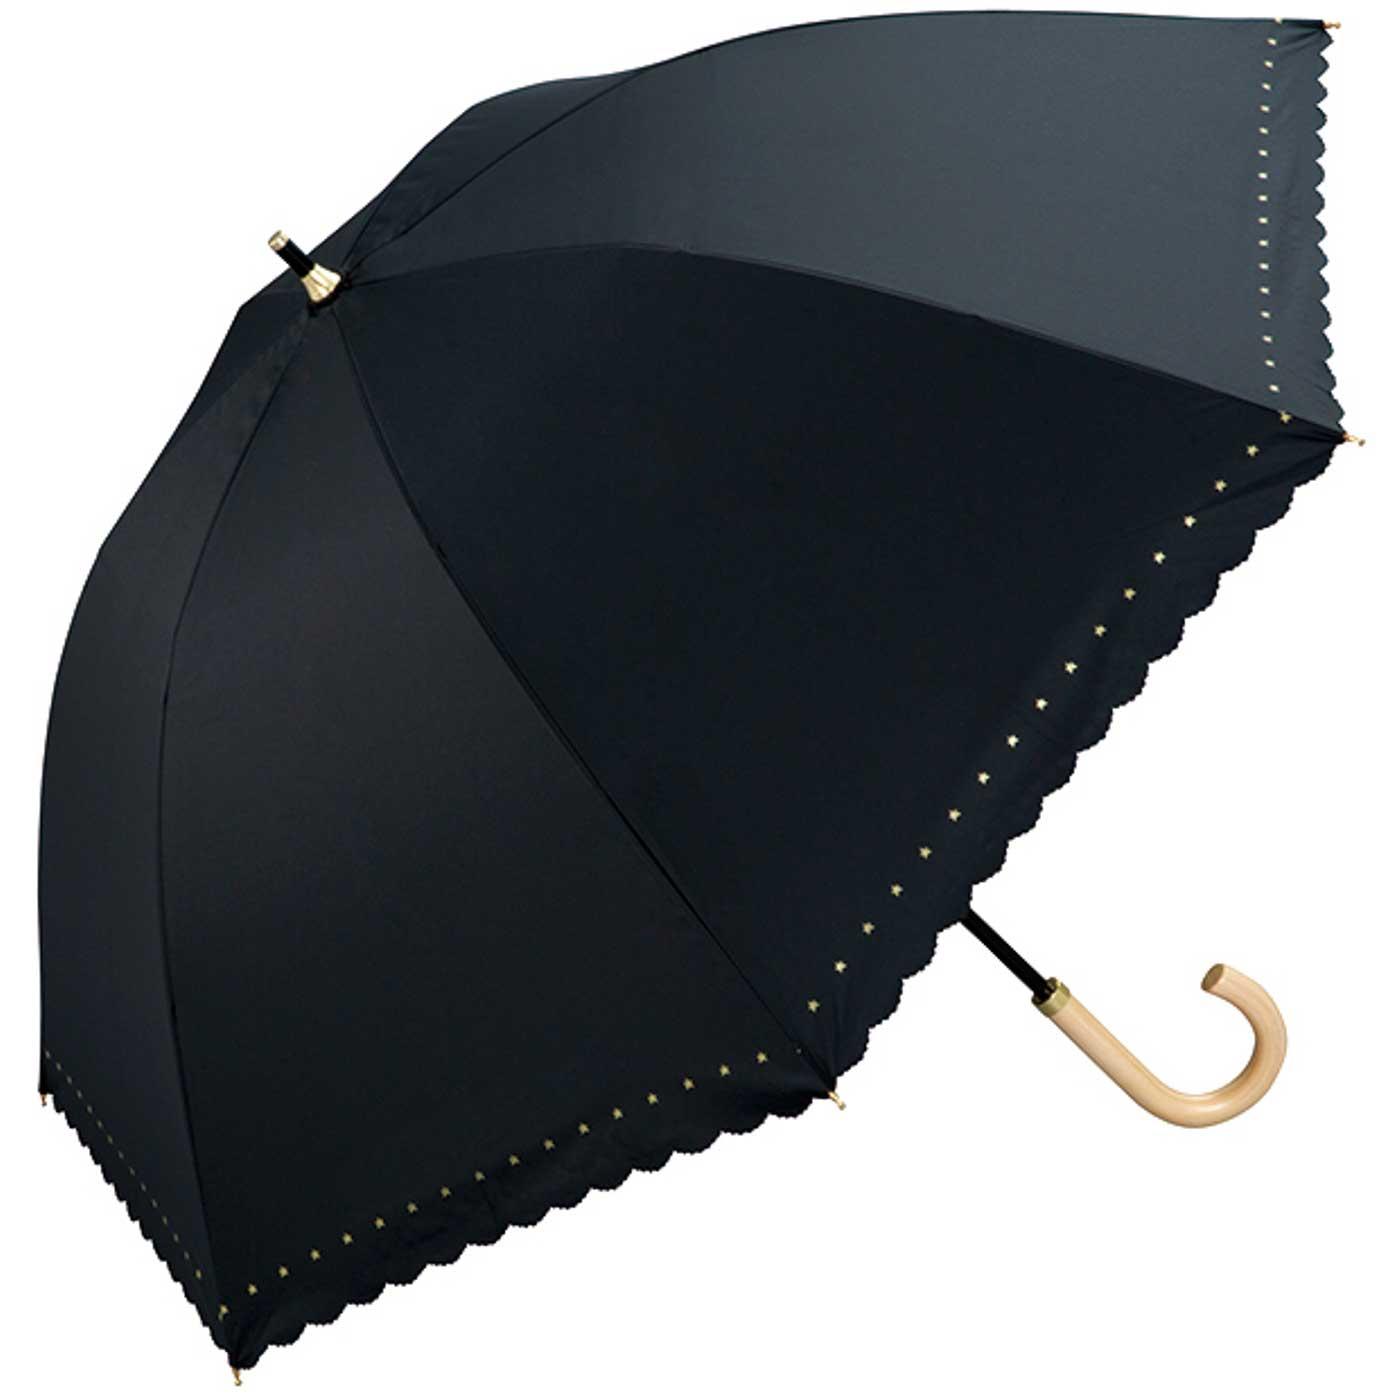 〈2.ブラック〉UVカット率99%! 遮光&遮熱パラソル。